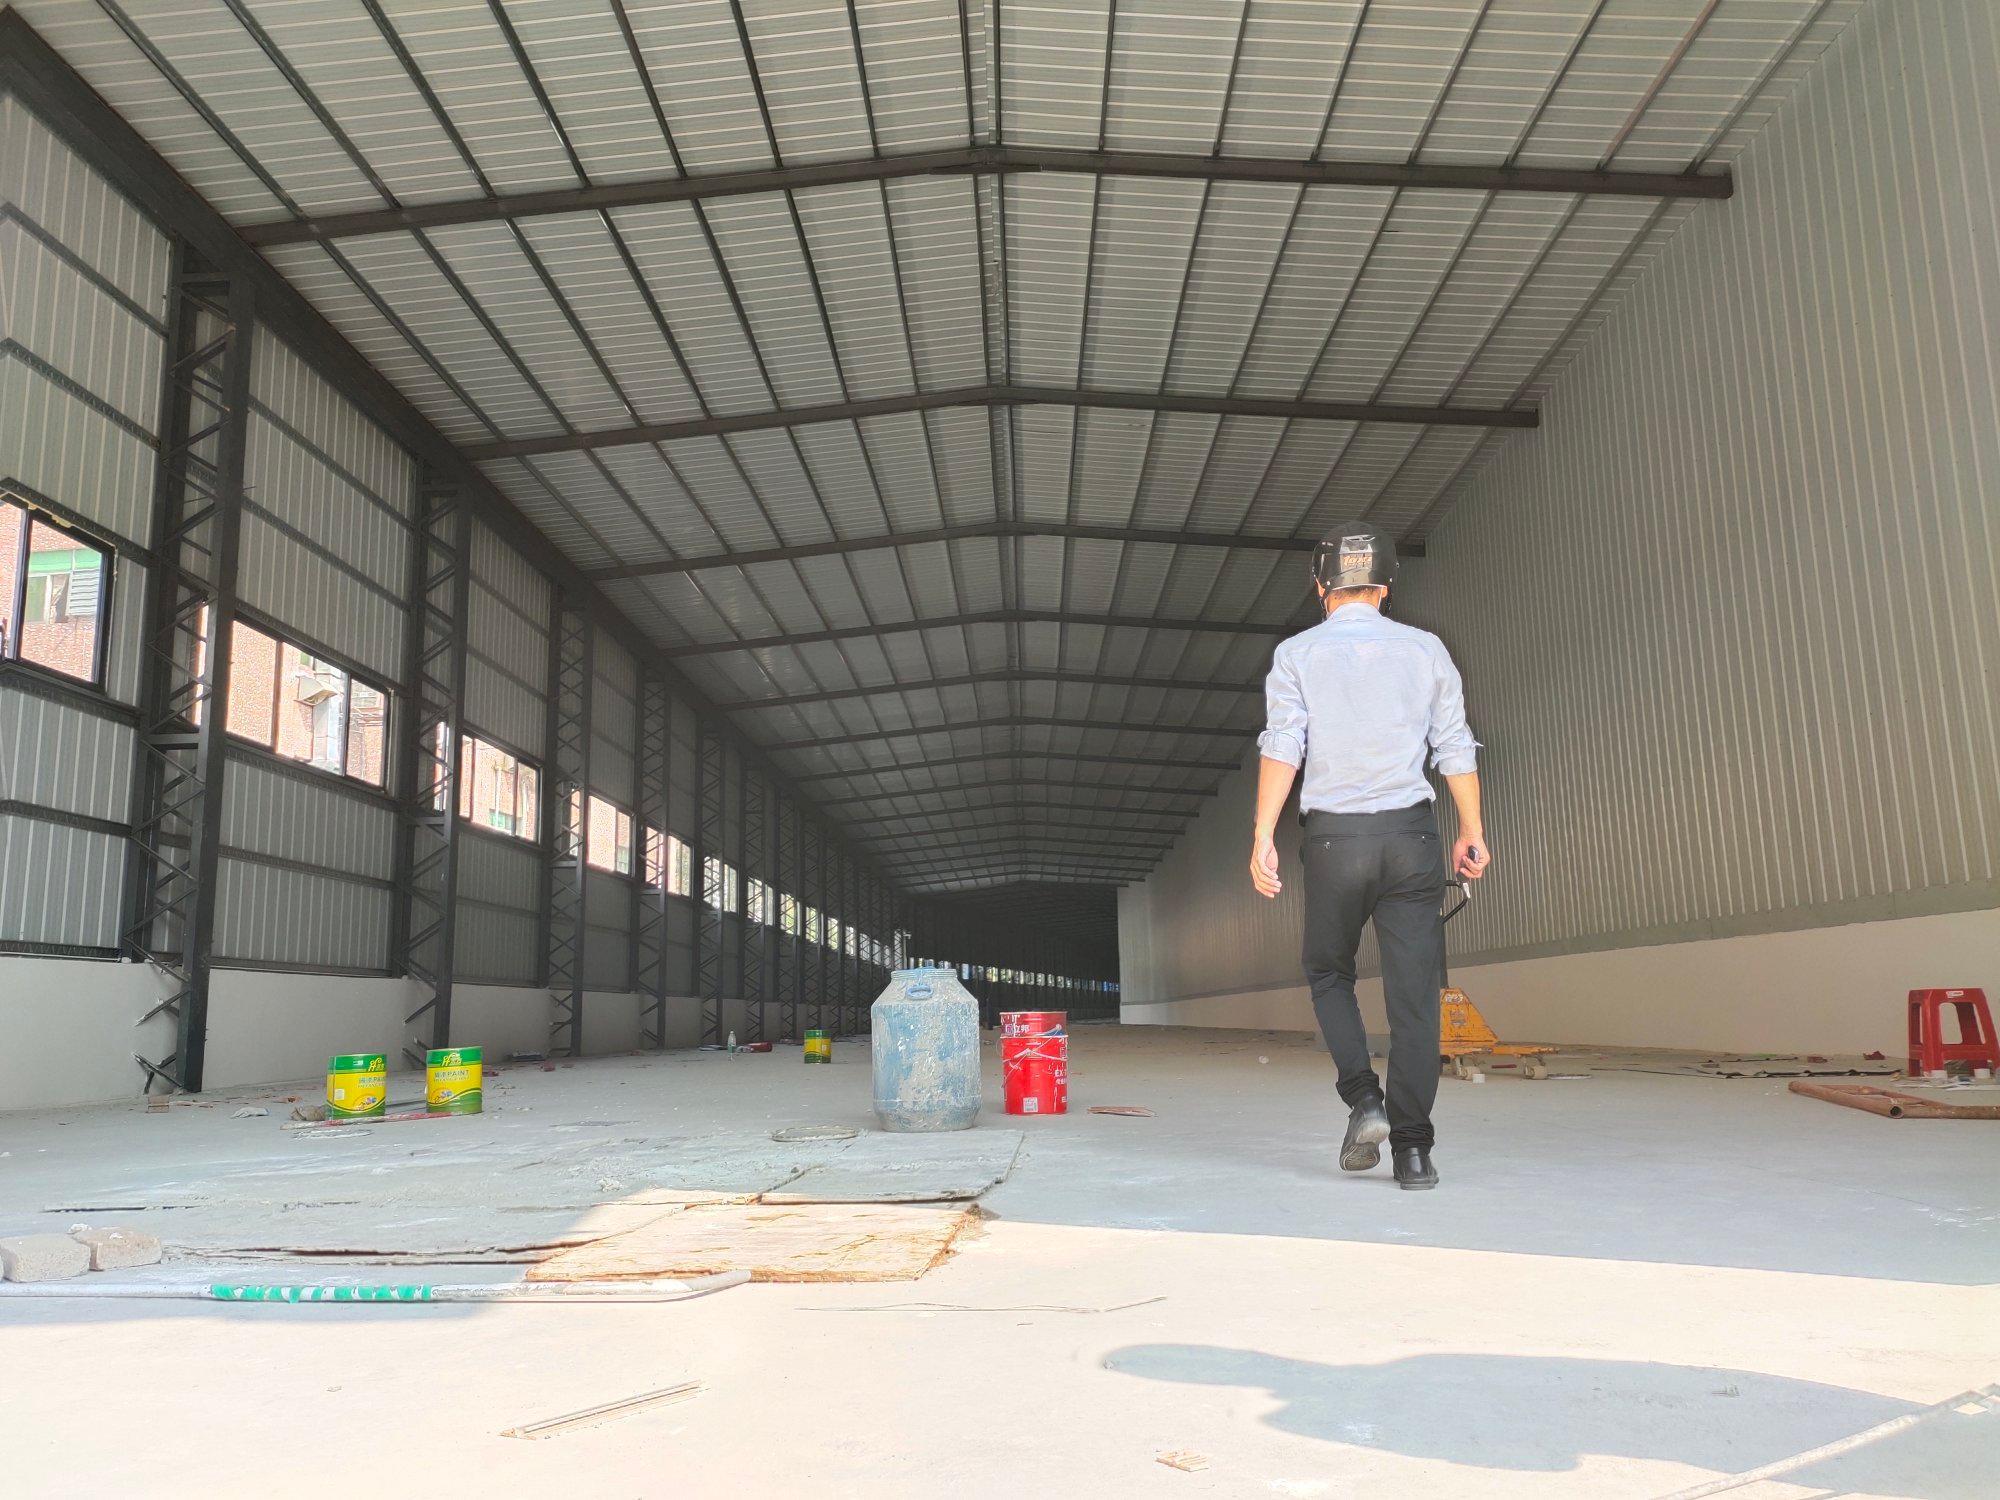 南山西丽新出独门独院单一层钢构4000平方仓库场地出租